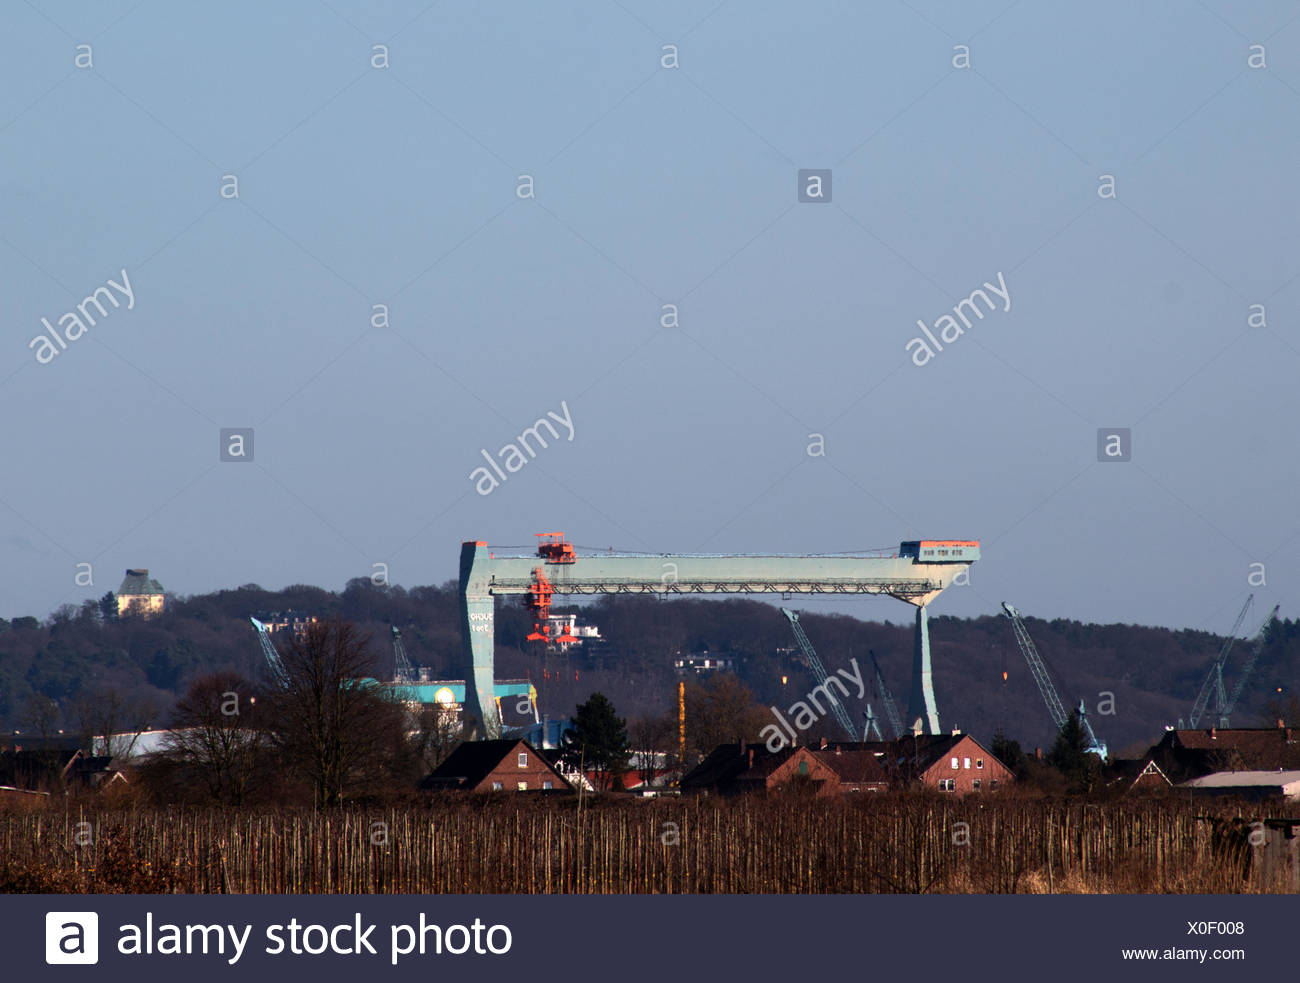 Old land with Sieta's bridge - Stock Image